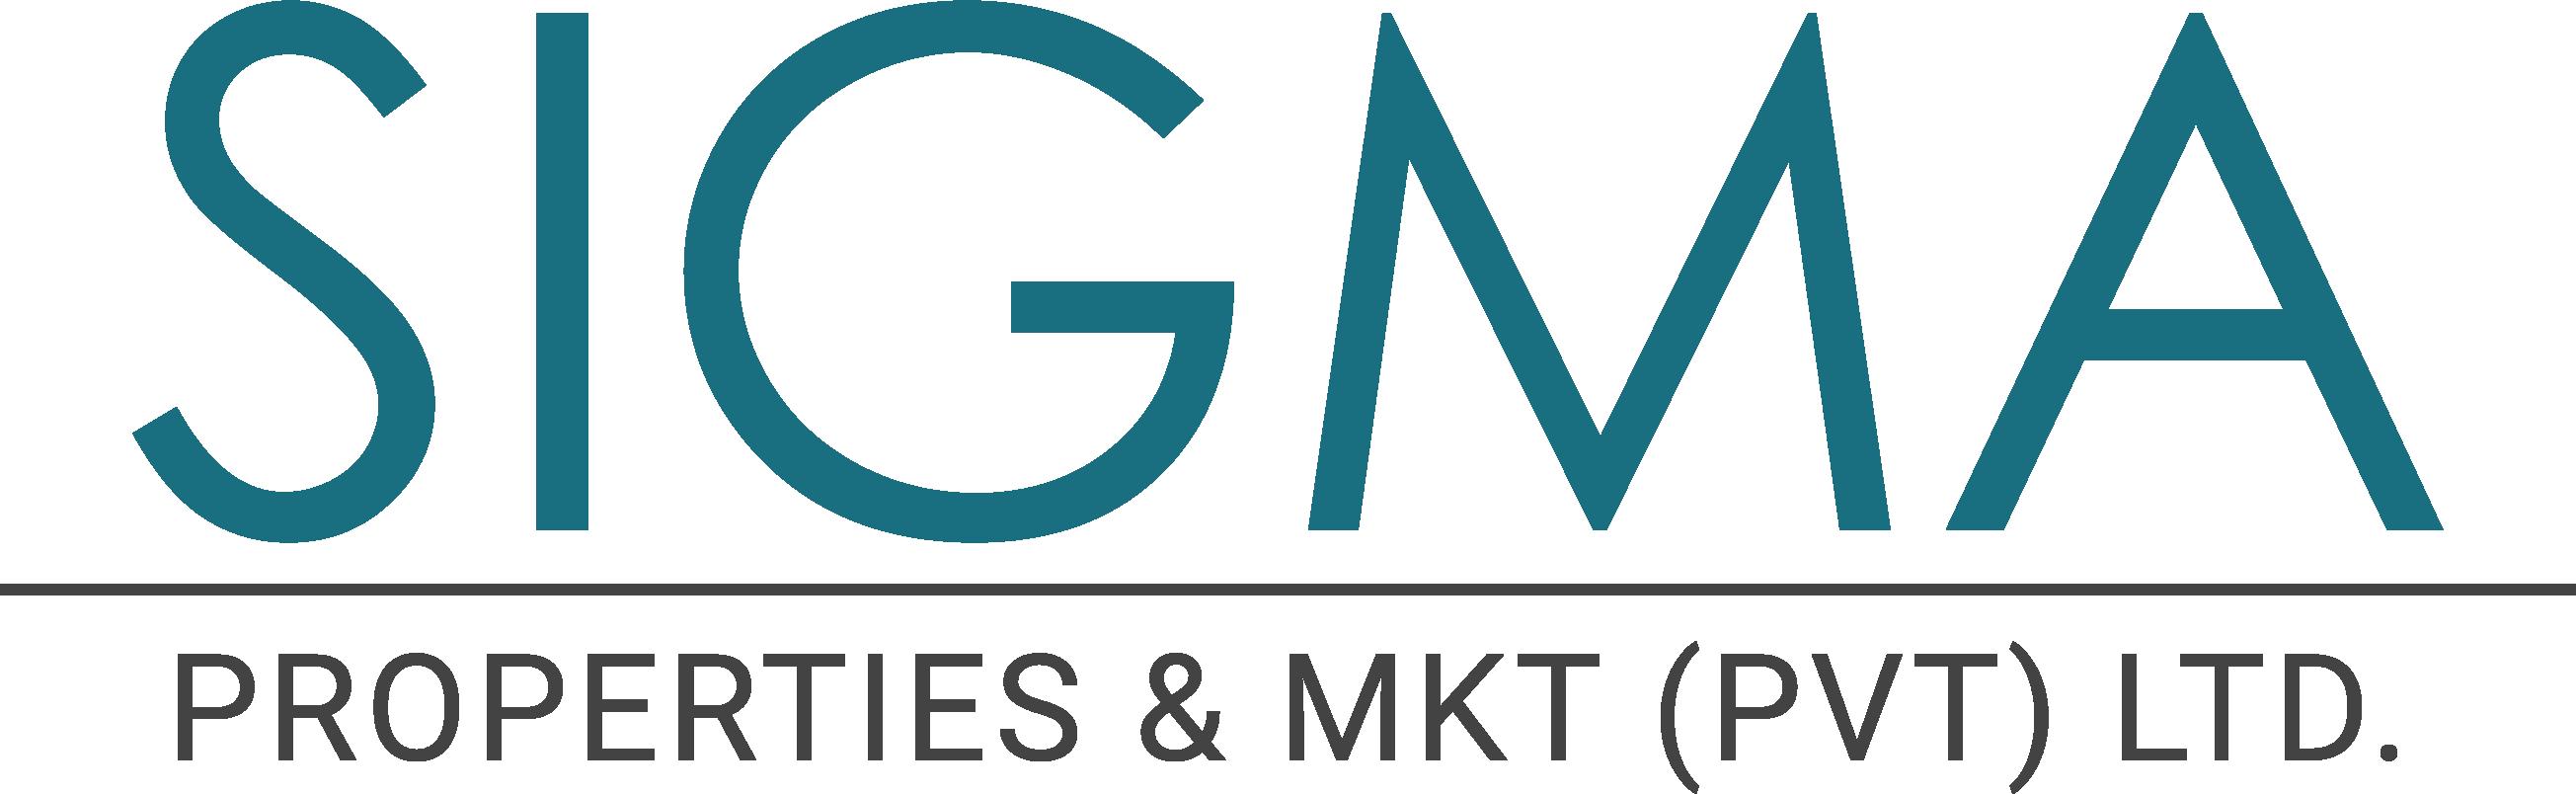 Sigma Properties & Marketing (Pvt) LTD